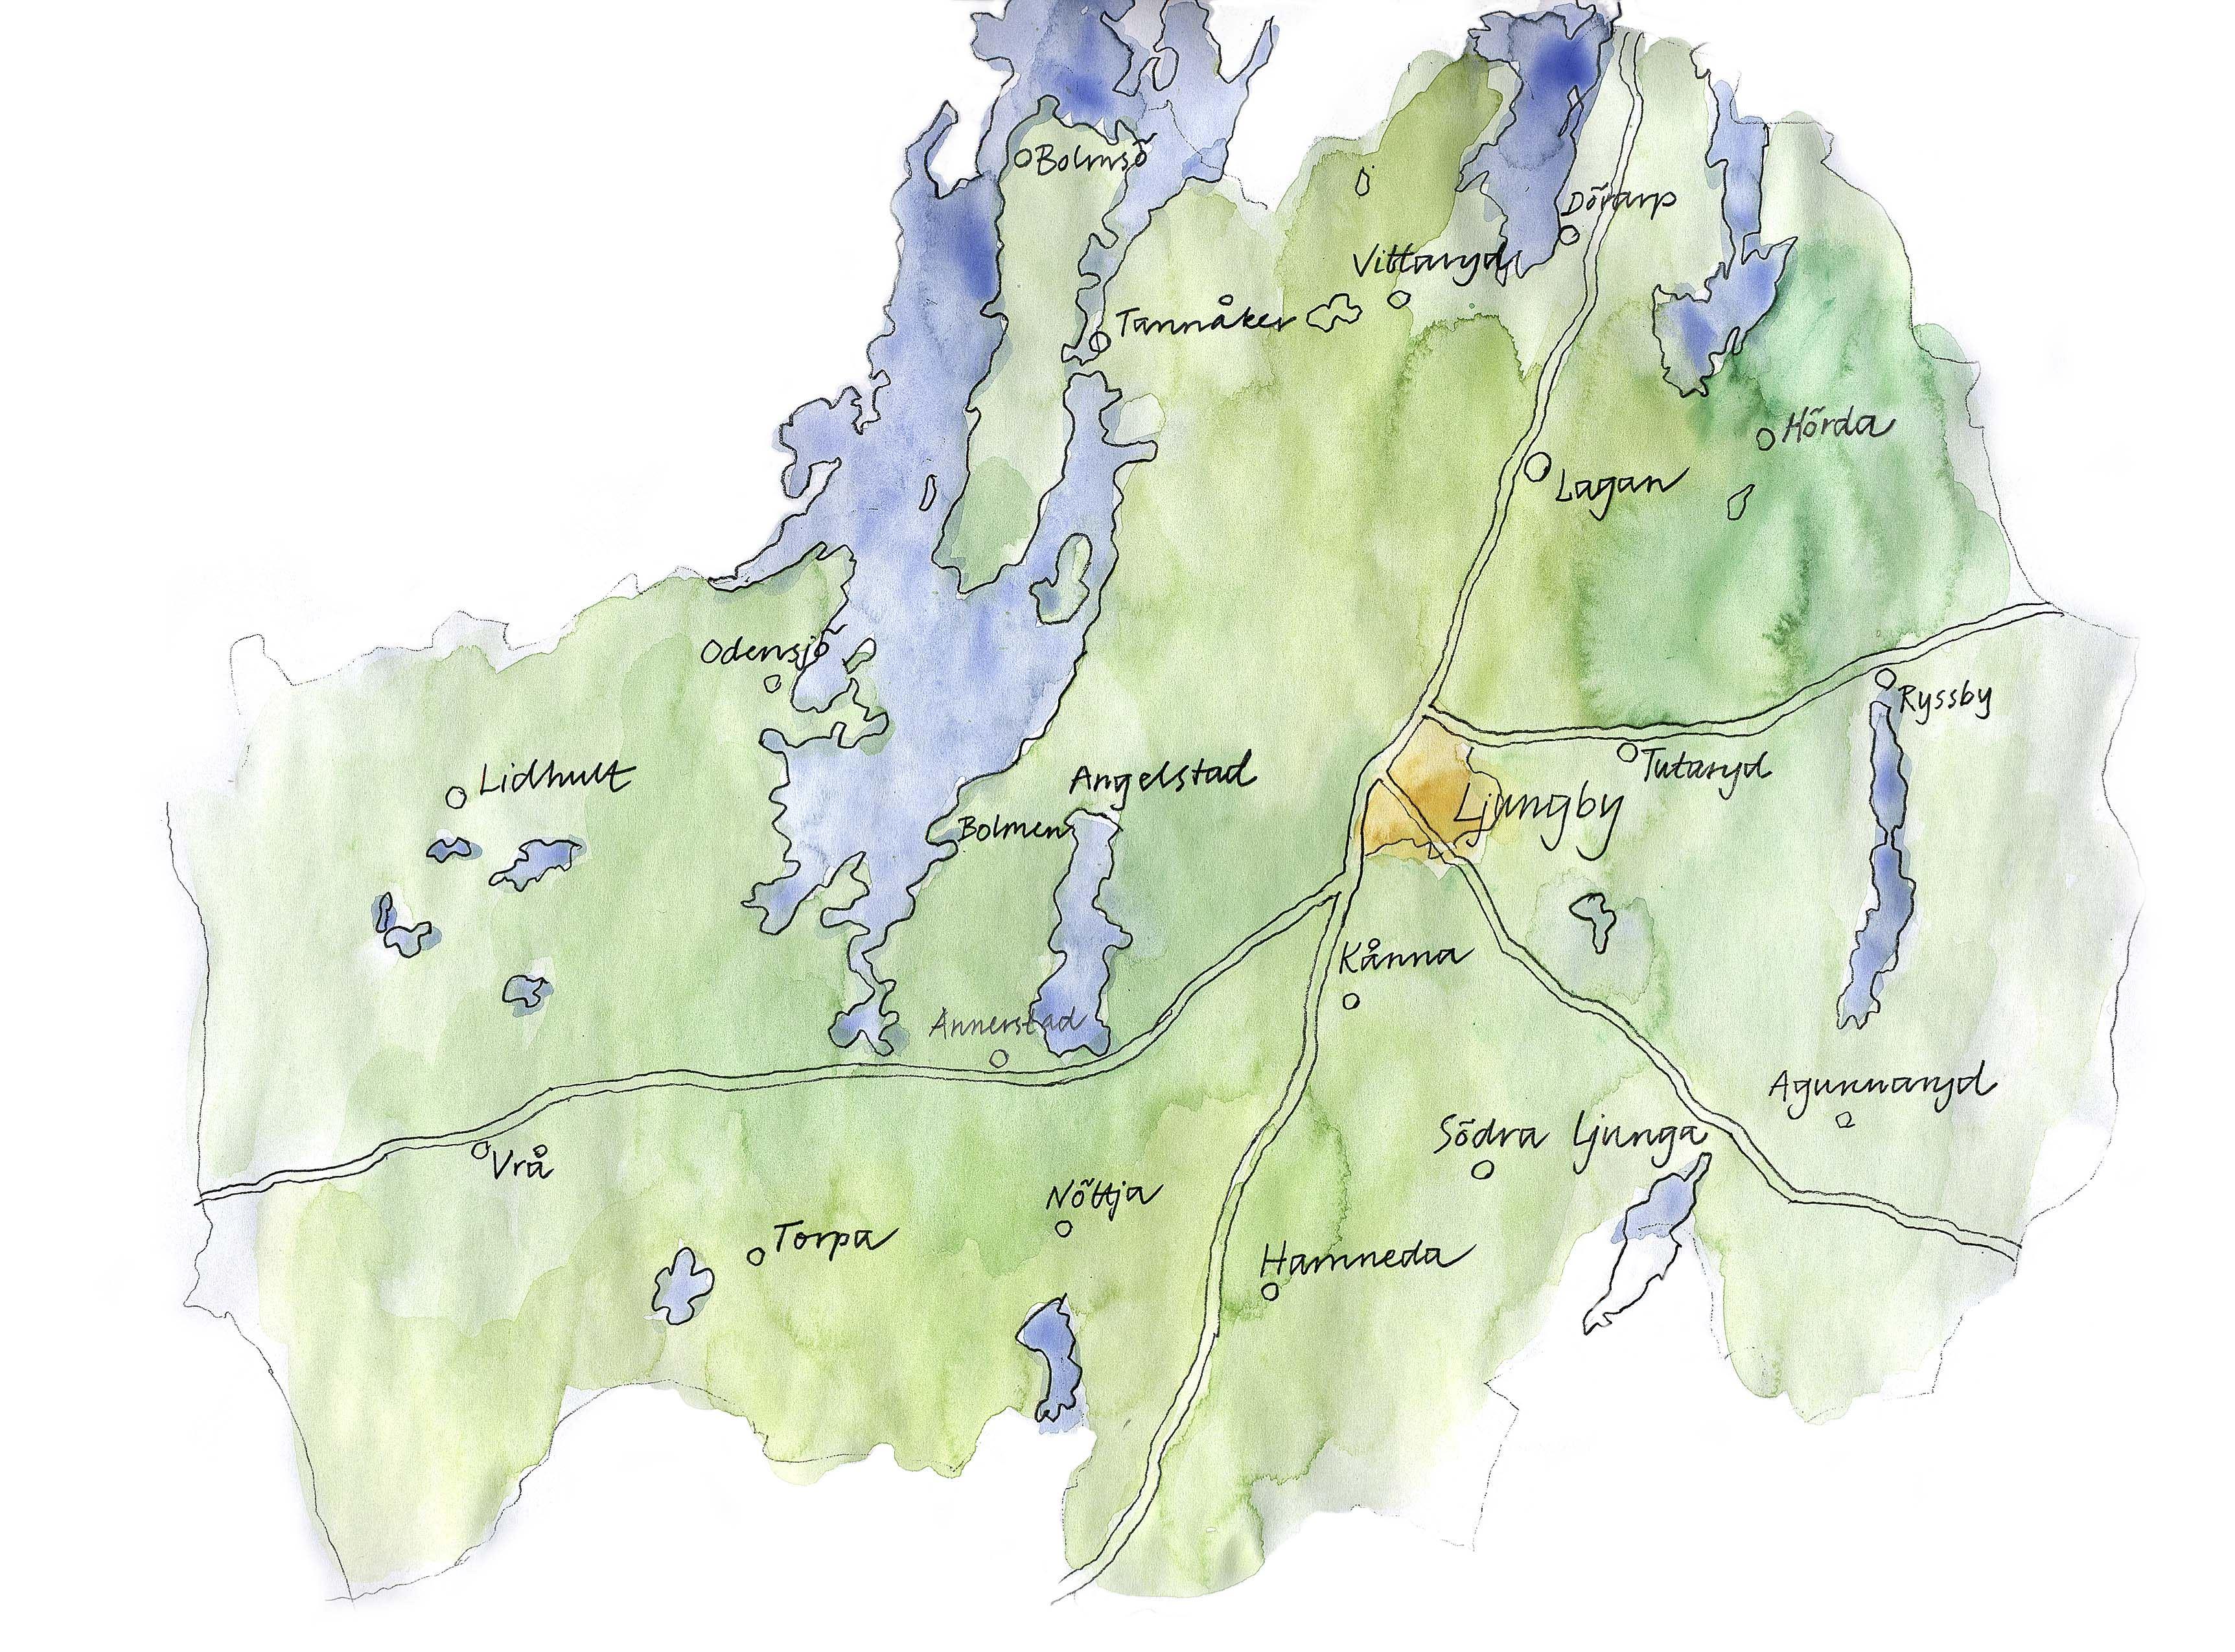 Lebensmittelgeschäft Matöppet in Södra Ljunga